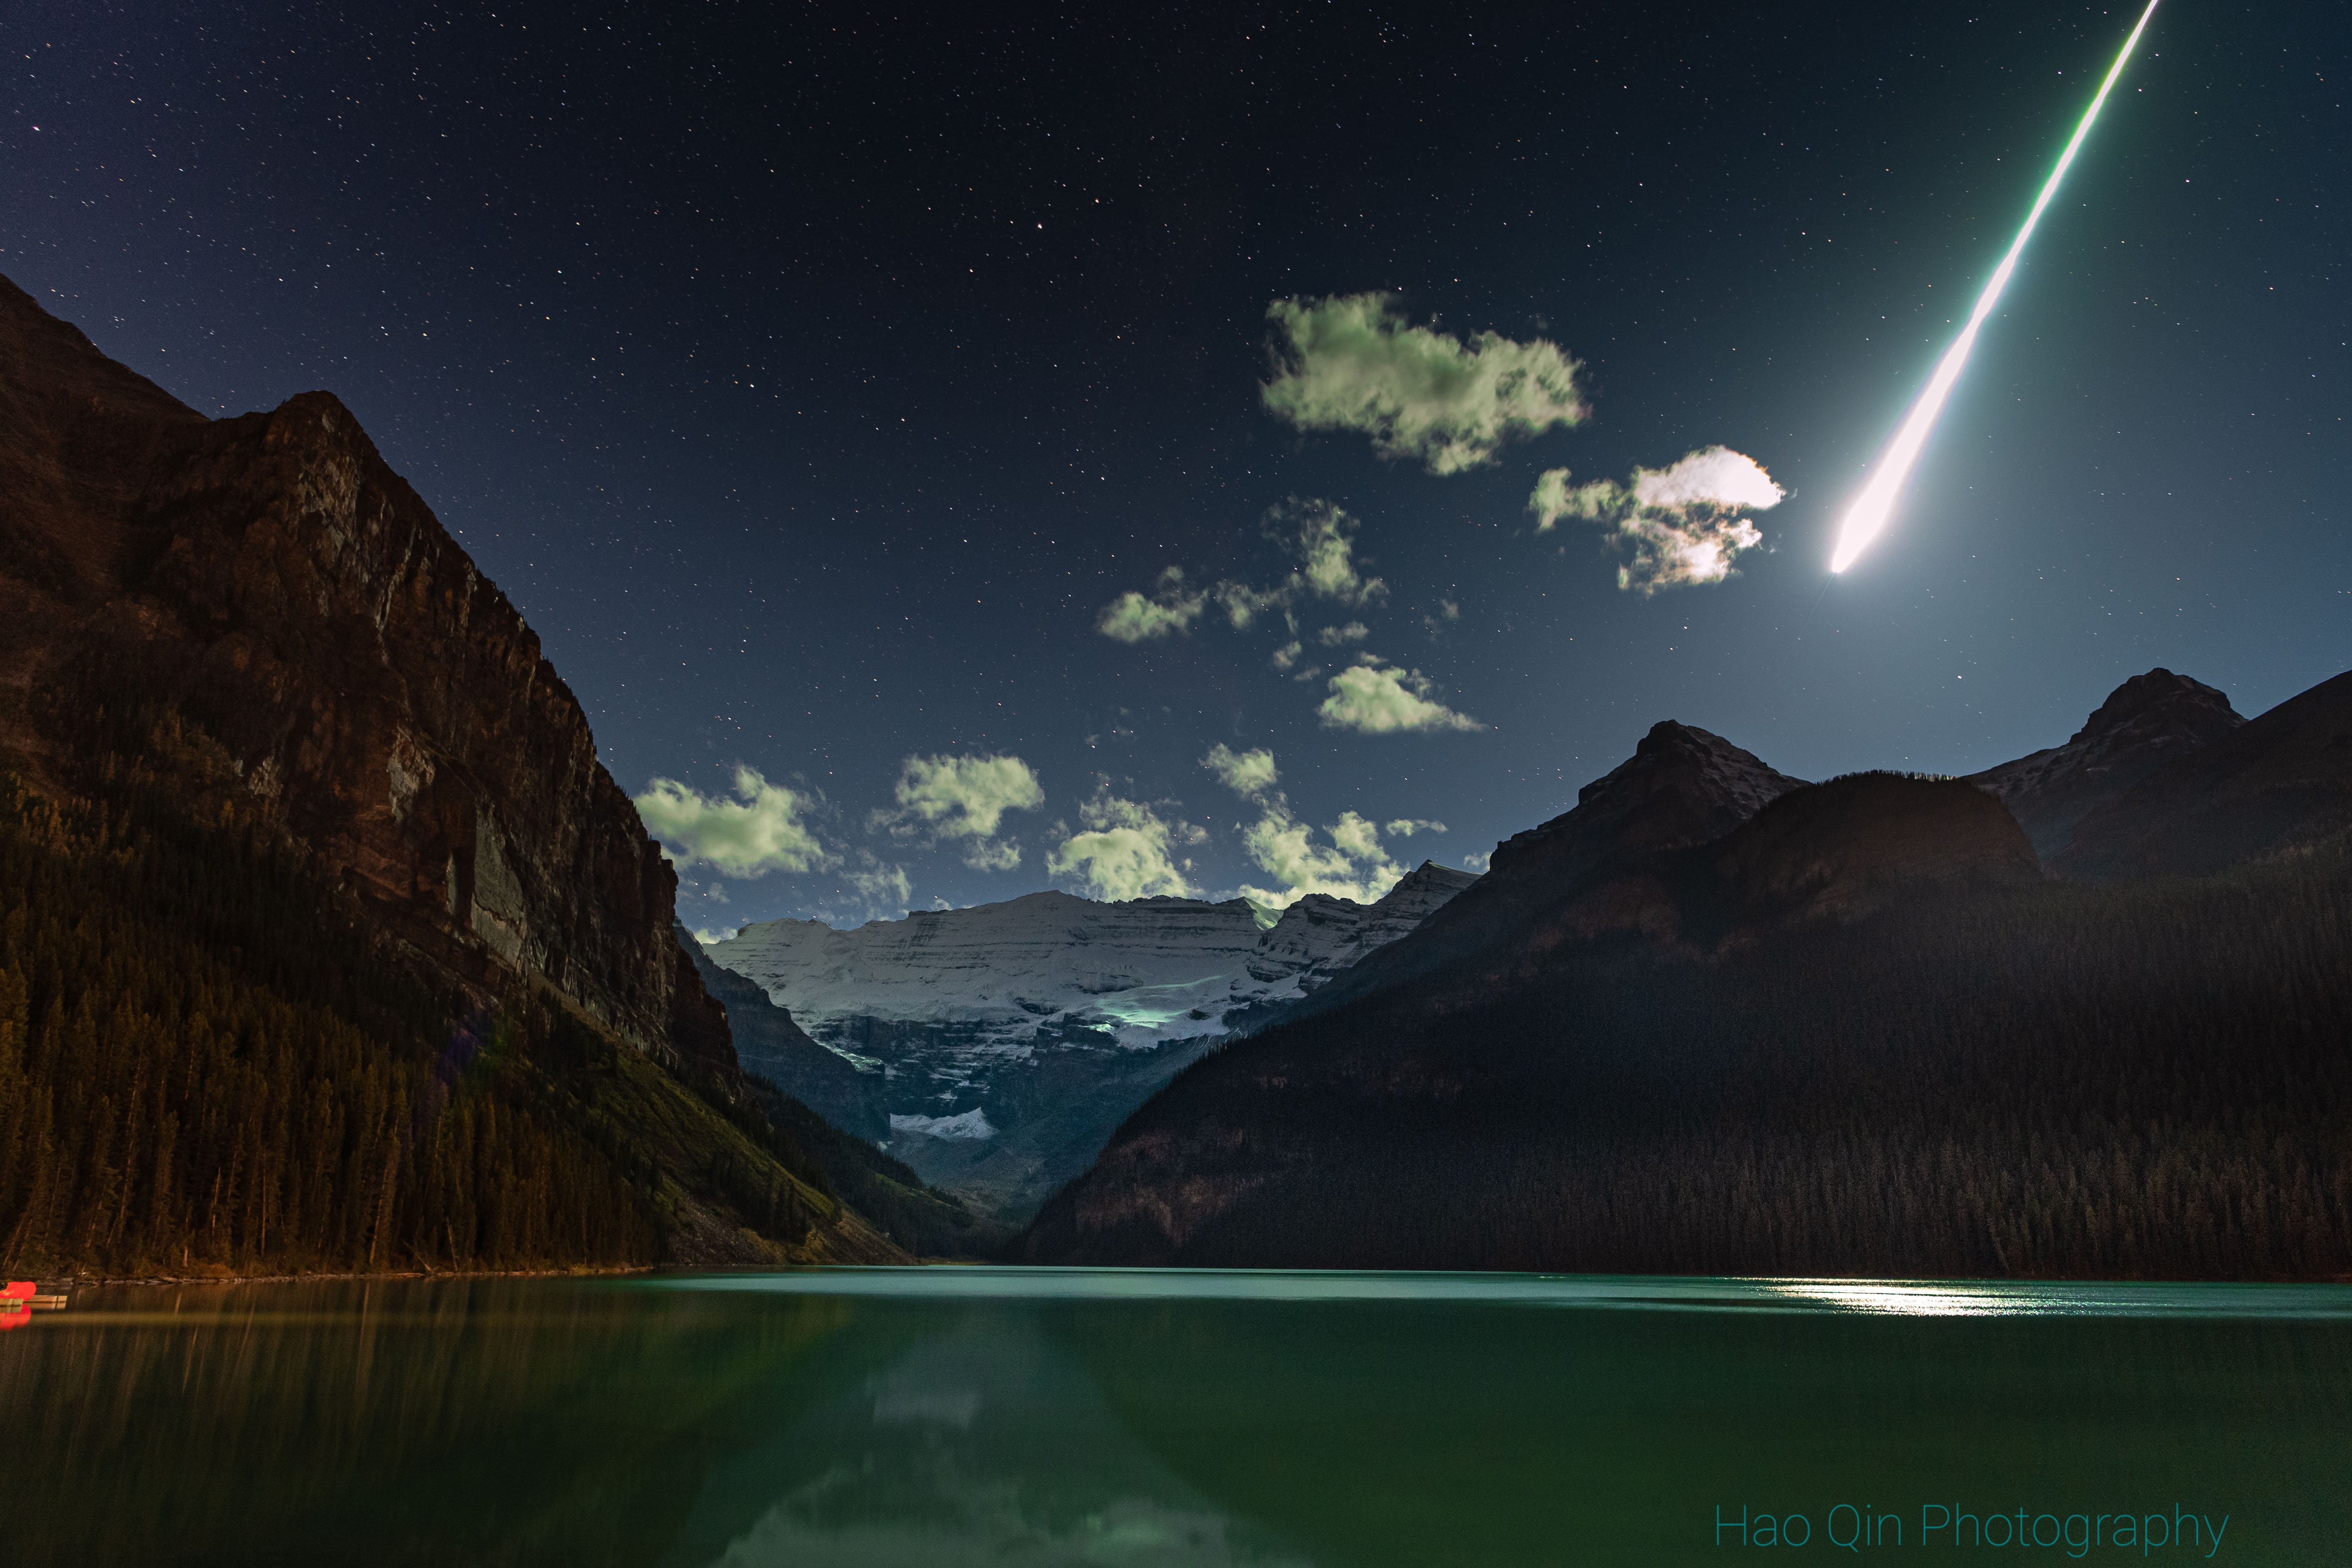 路易斯湖上空的火球